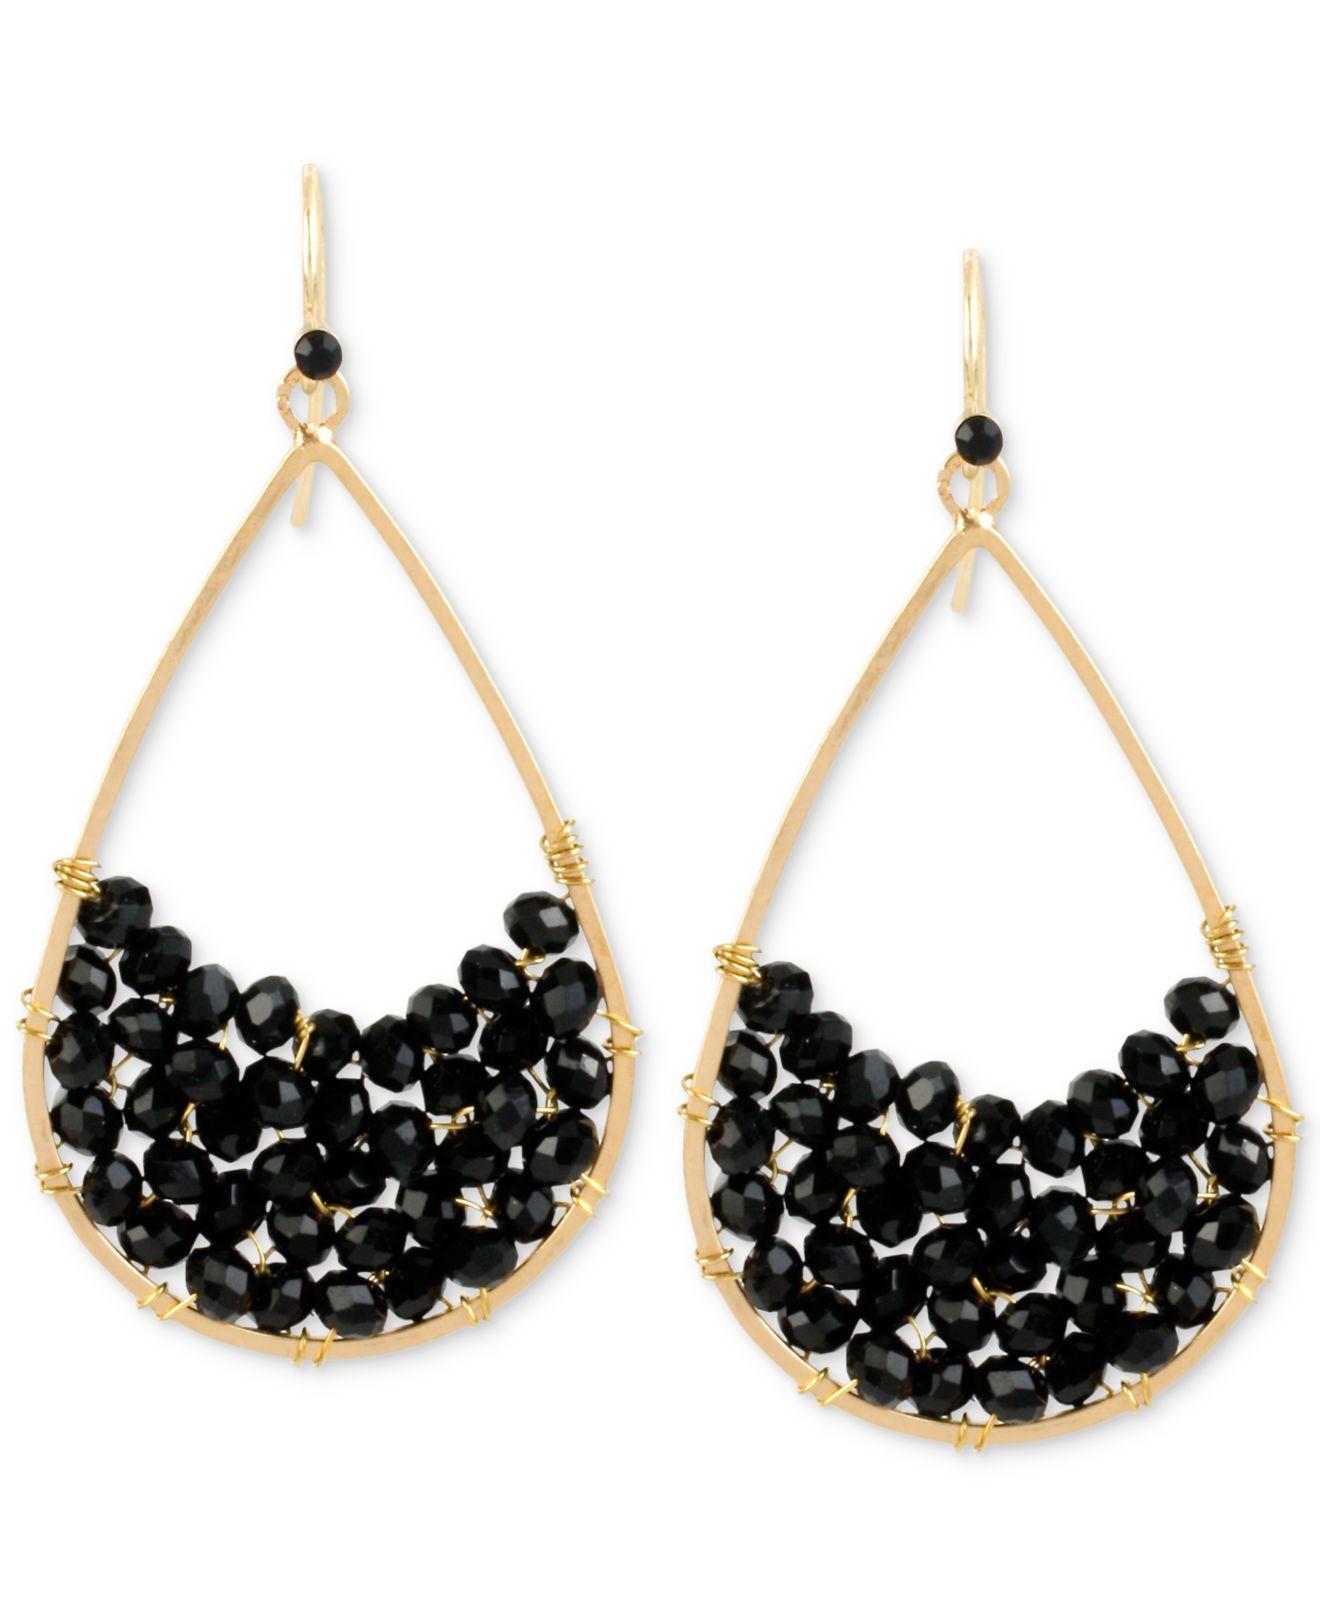 Black Stone Earrings: Kenneth Cole Gold-tone Black Stone Teardrop